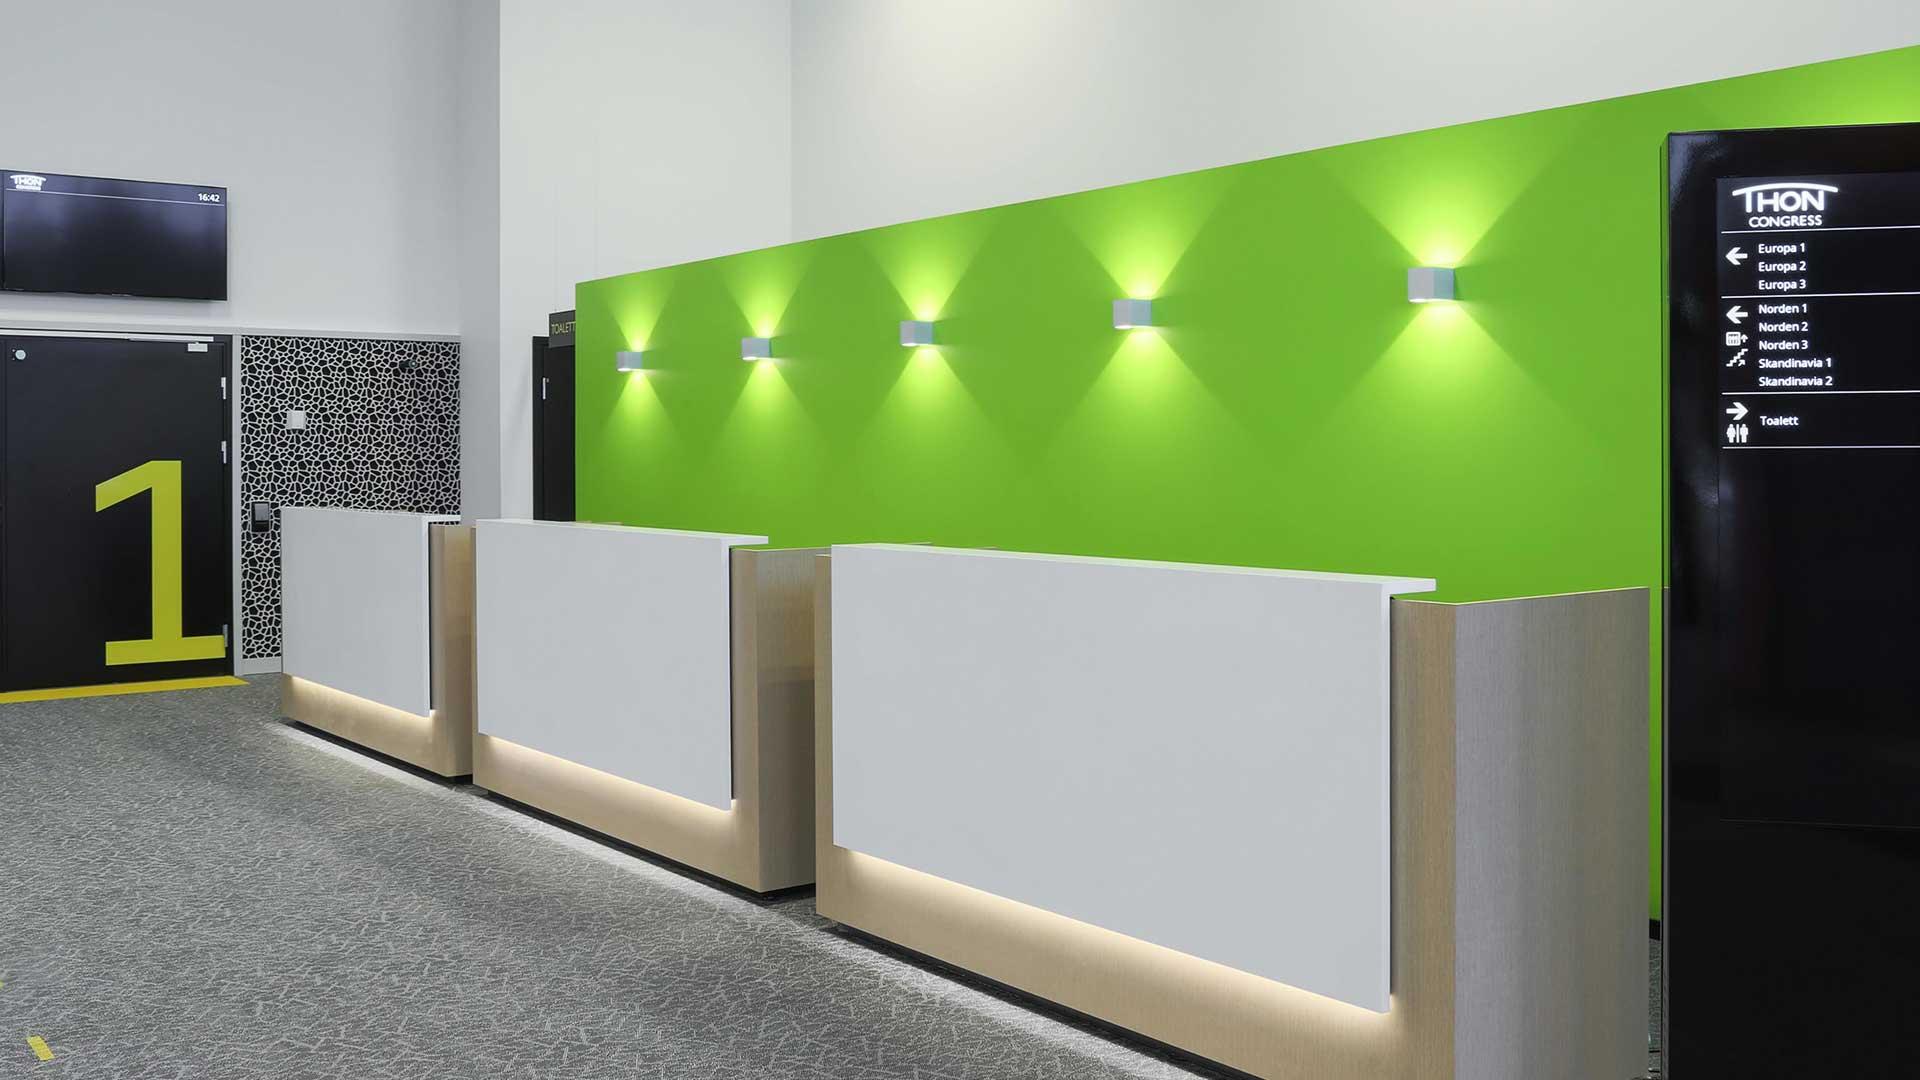 Belysning i konferanseområde på Thon Congress Gardermoen